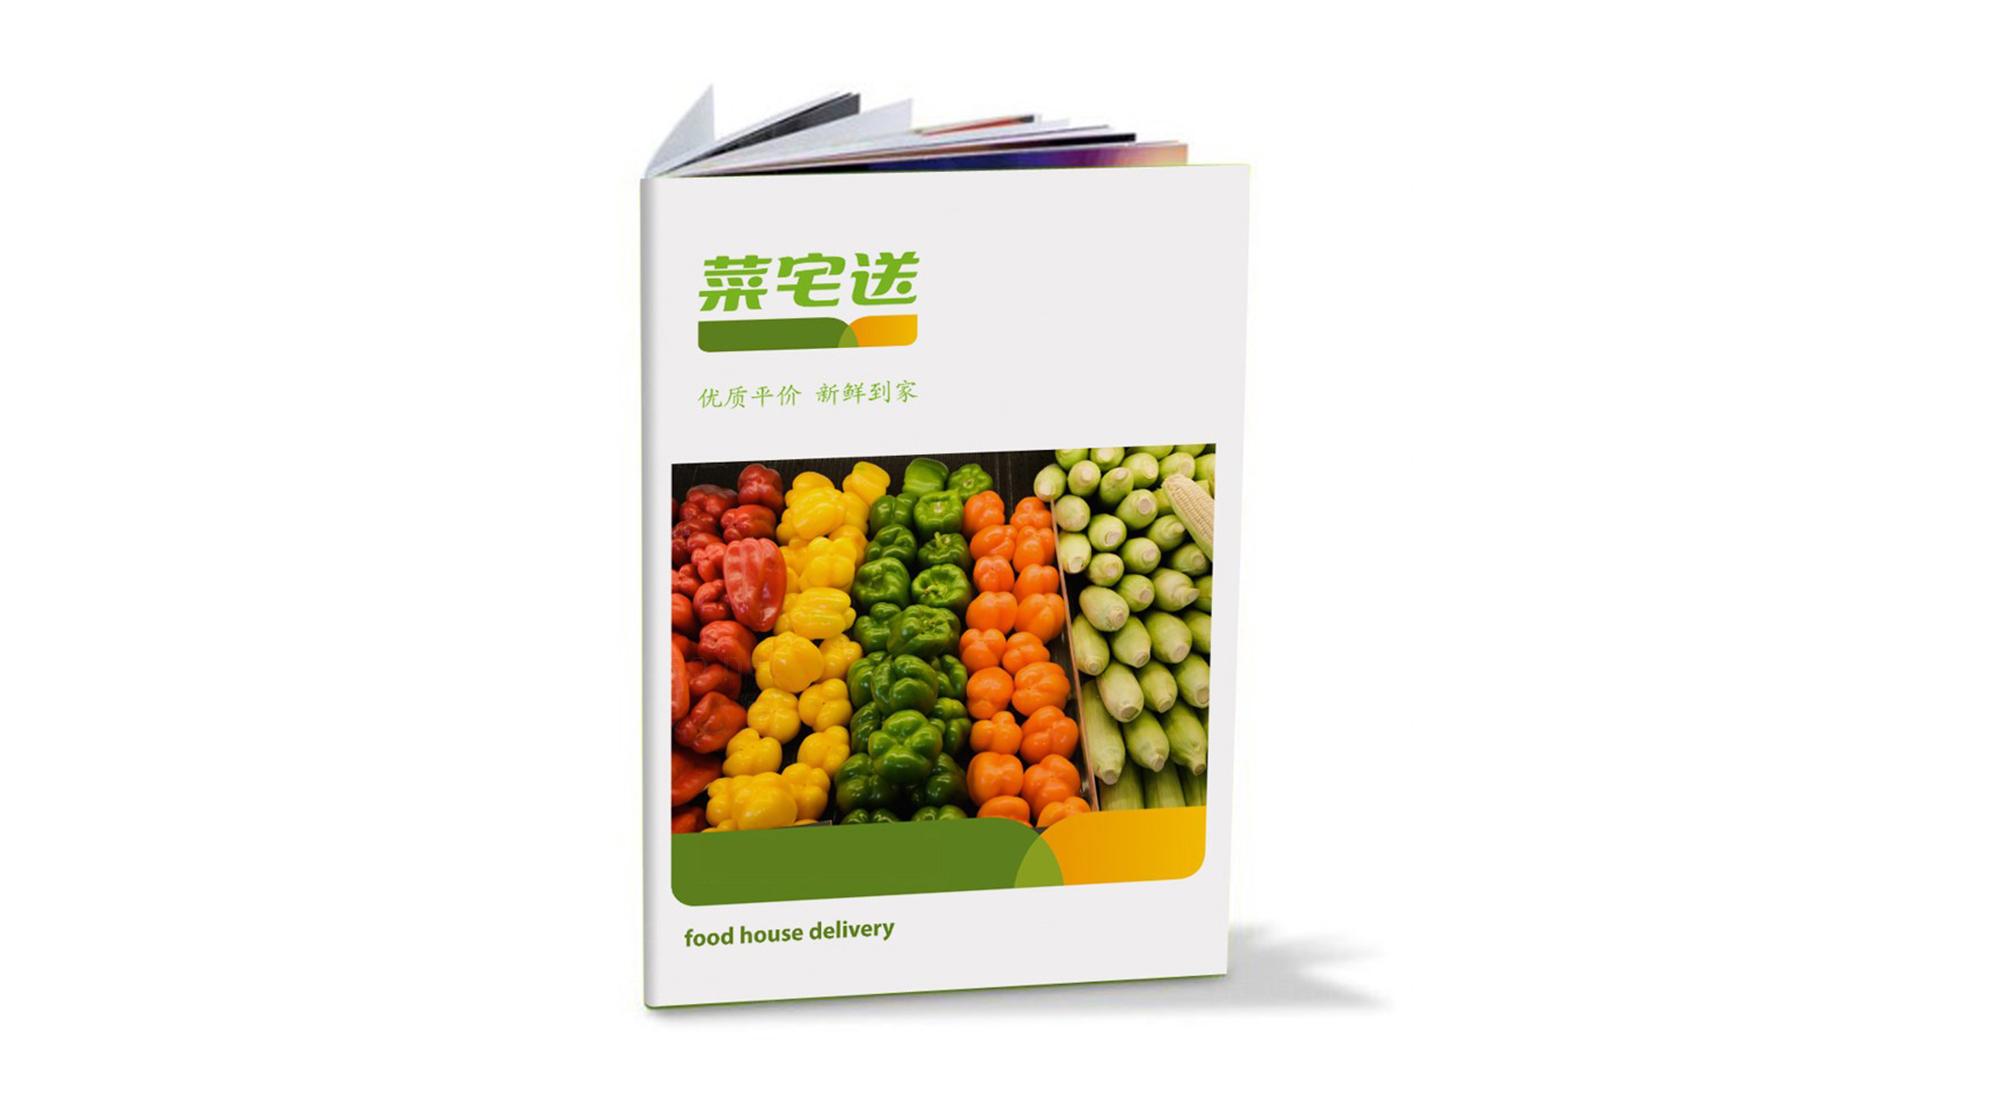 品牌设计菜宅送LOGO&VI设计应用场景_4